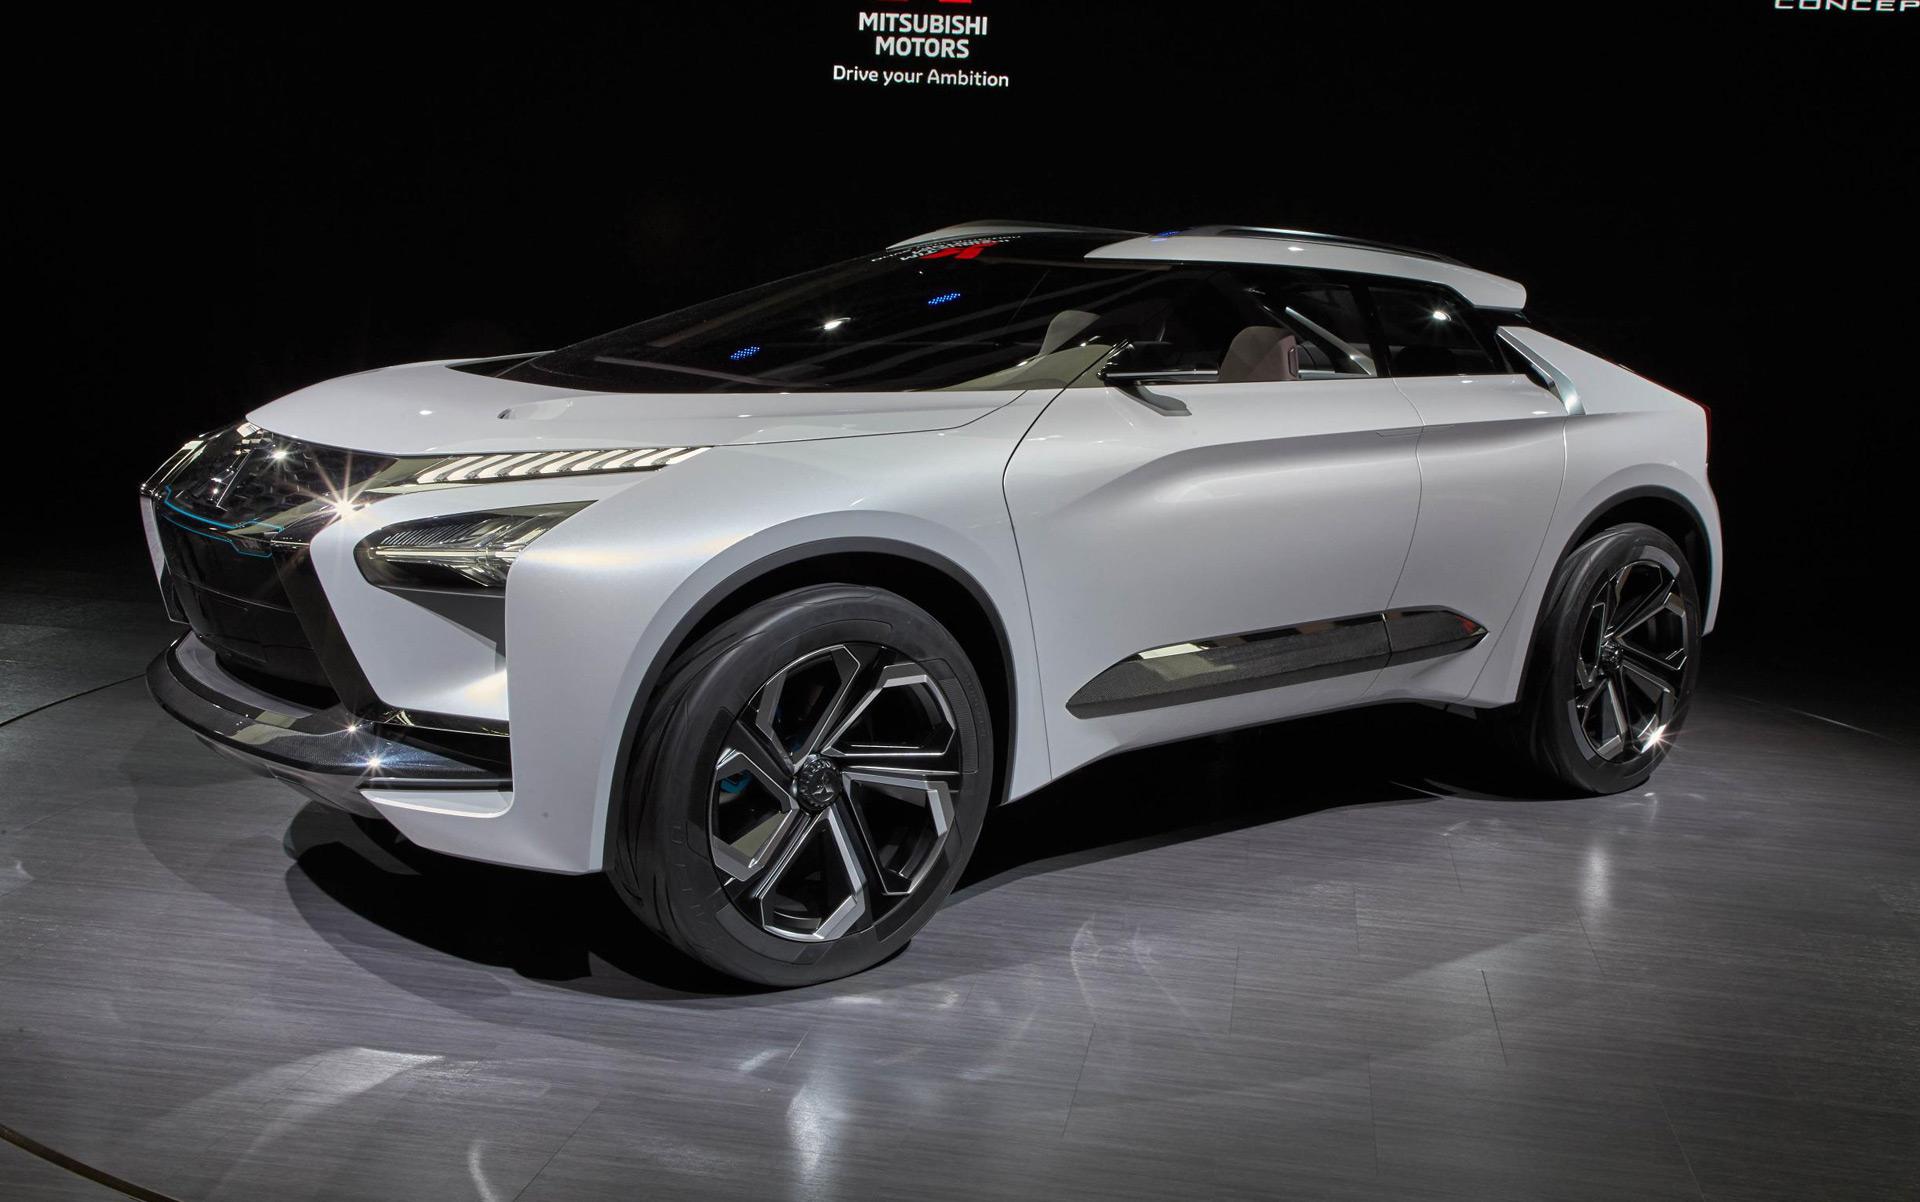 07. Mitsubishi E-Evolution